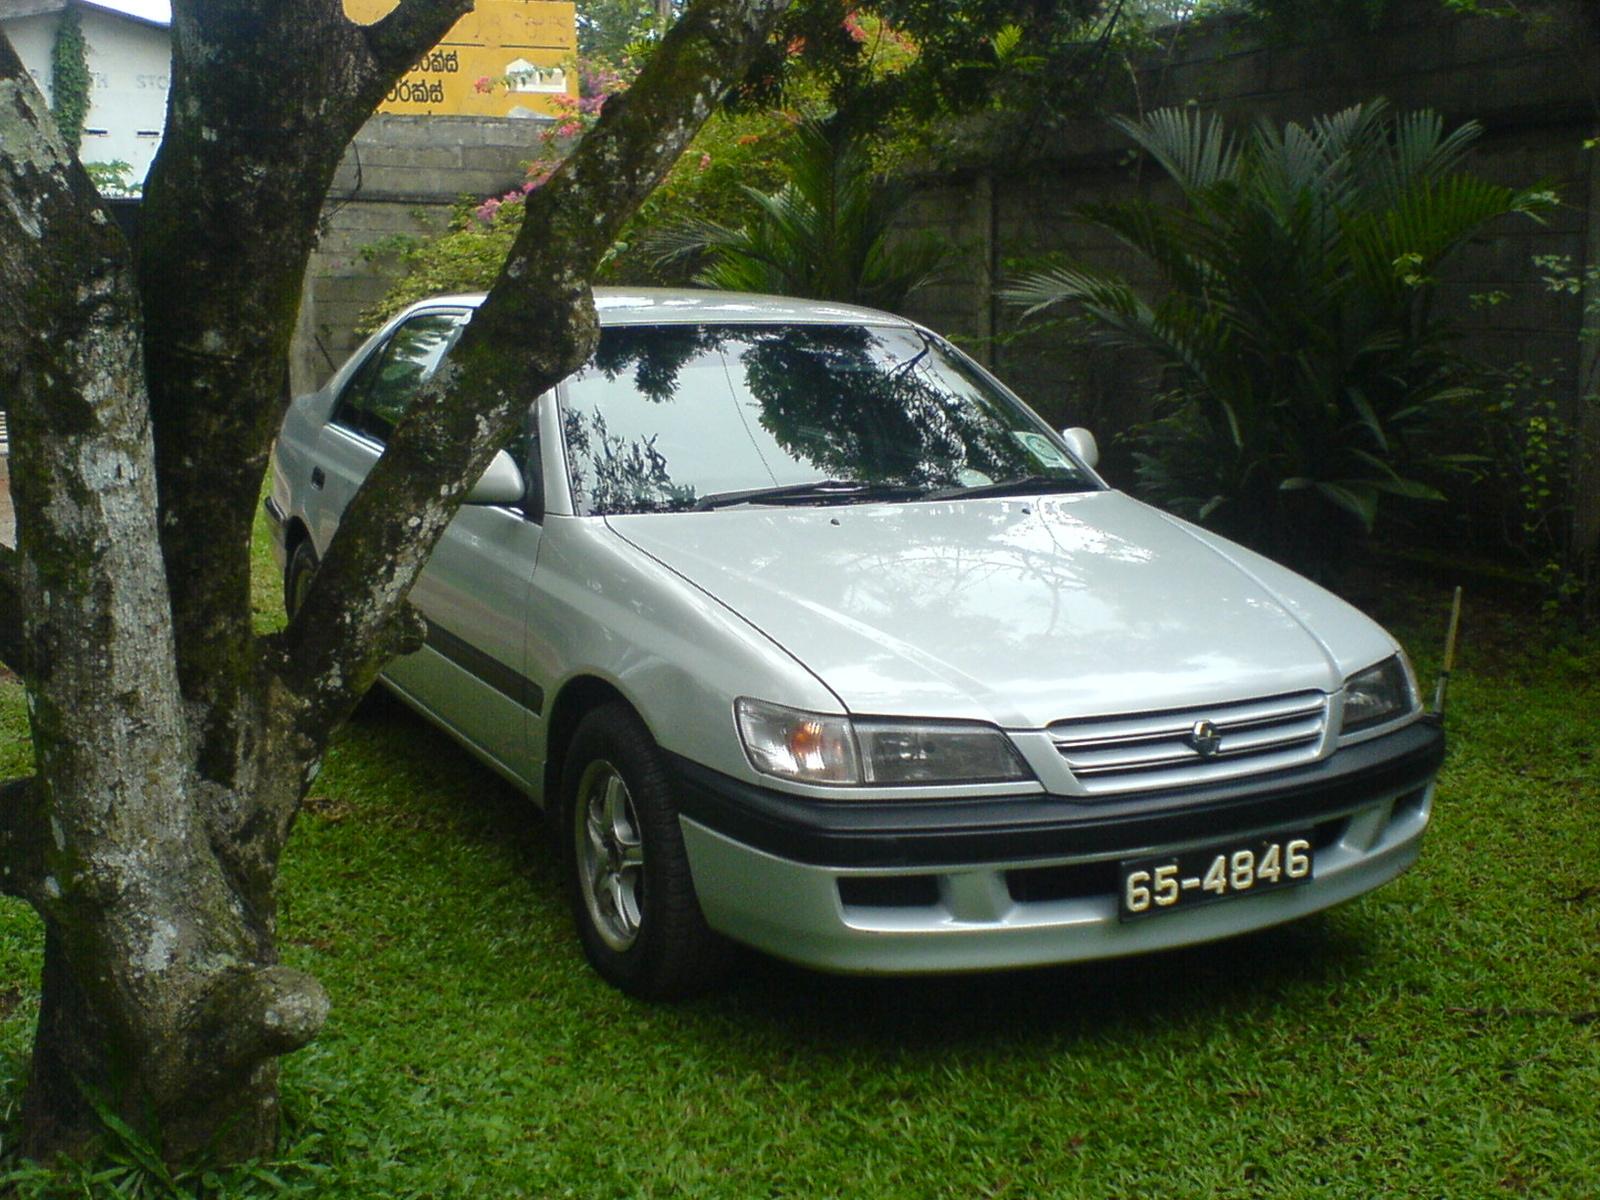 1996 Toyota Corona - Pictures